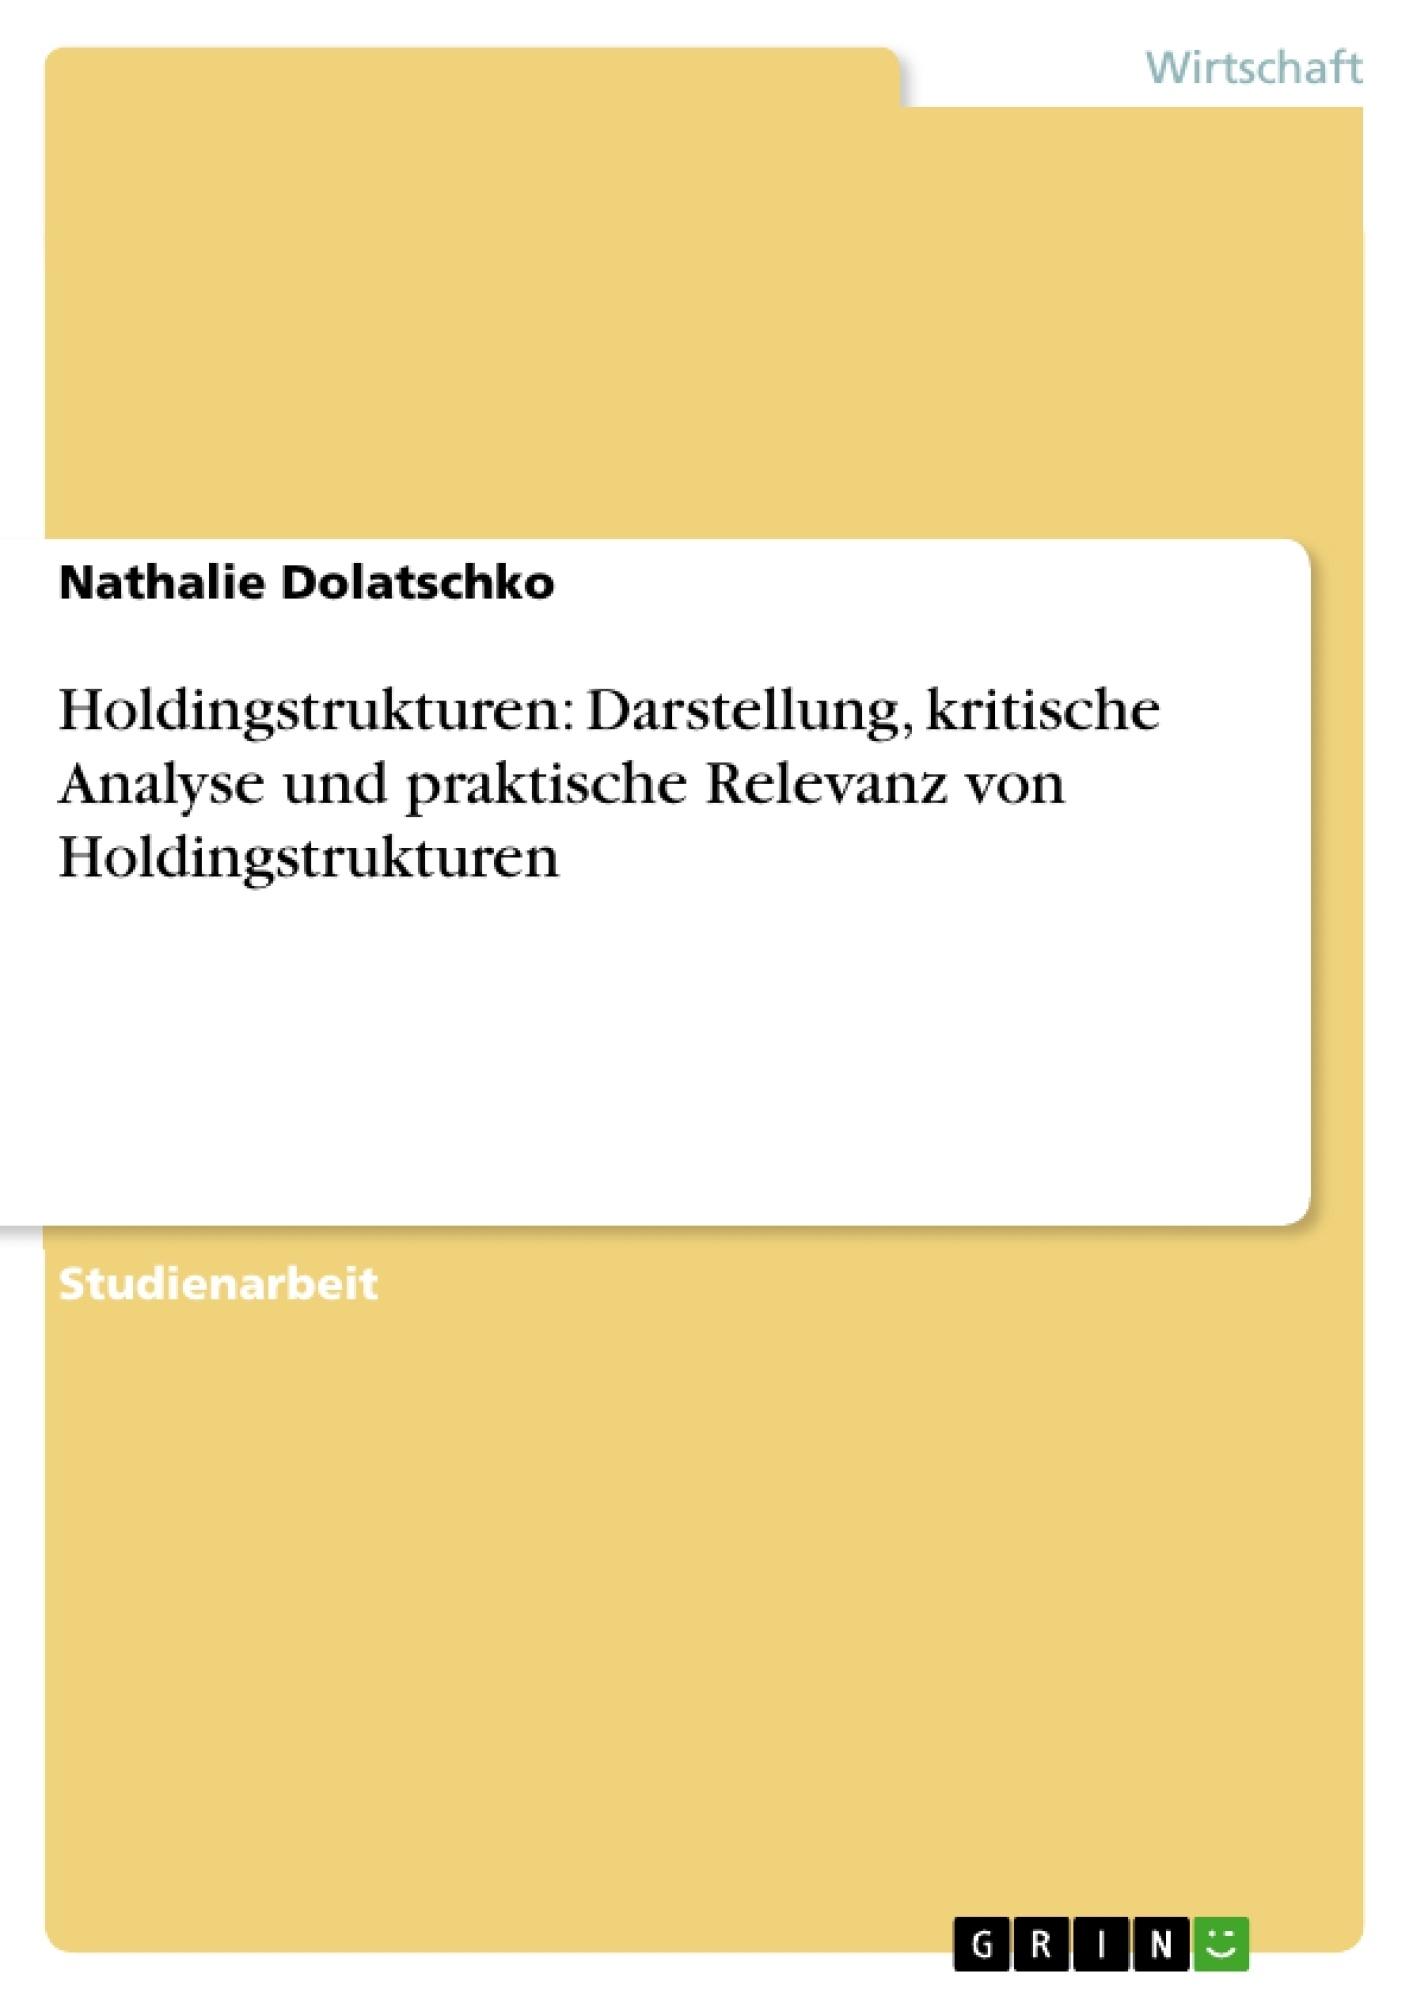 Titel: Holdingstrukturen: Darstellung, kritische Analyse und praktische Relevanz von Holdingstrukturen